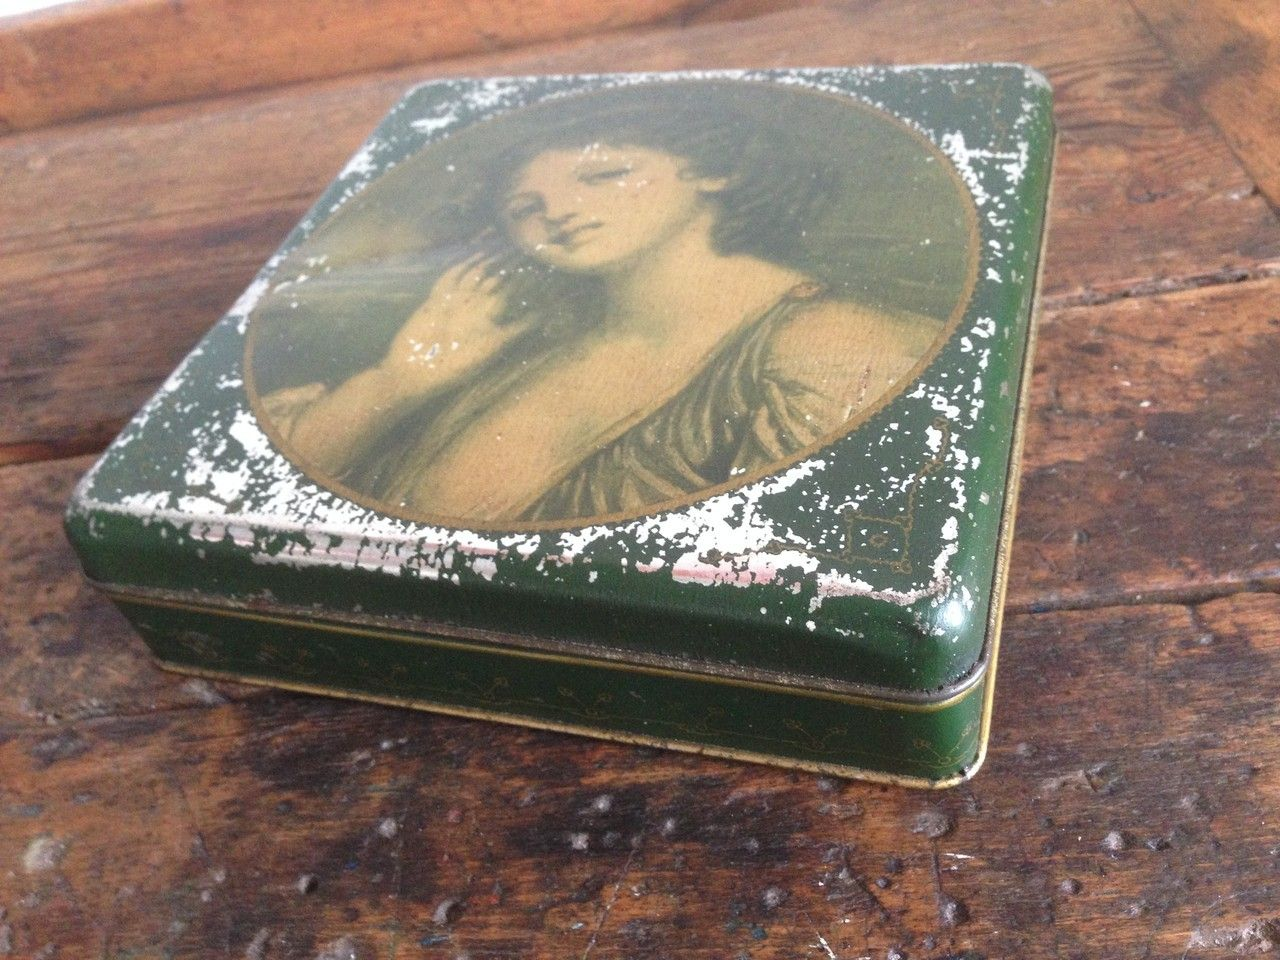 #vintage #box #scatole #latta #anni50 #anni60 #anni70 #50s #60s #70s #dextervintage www.dextervintage.com